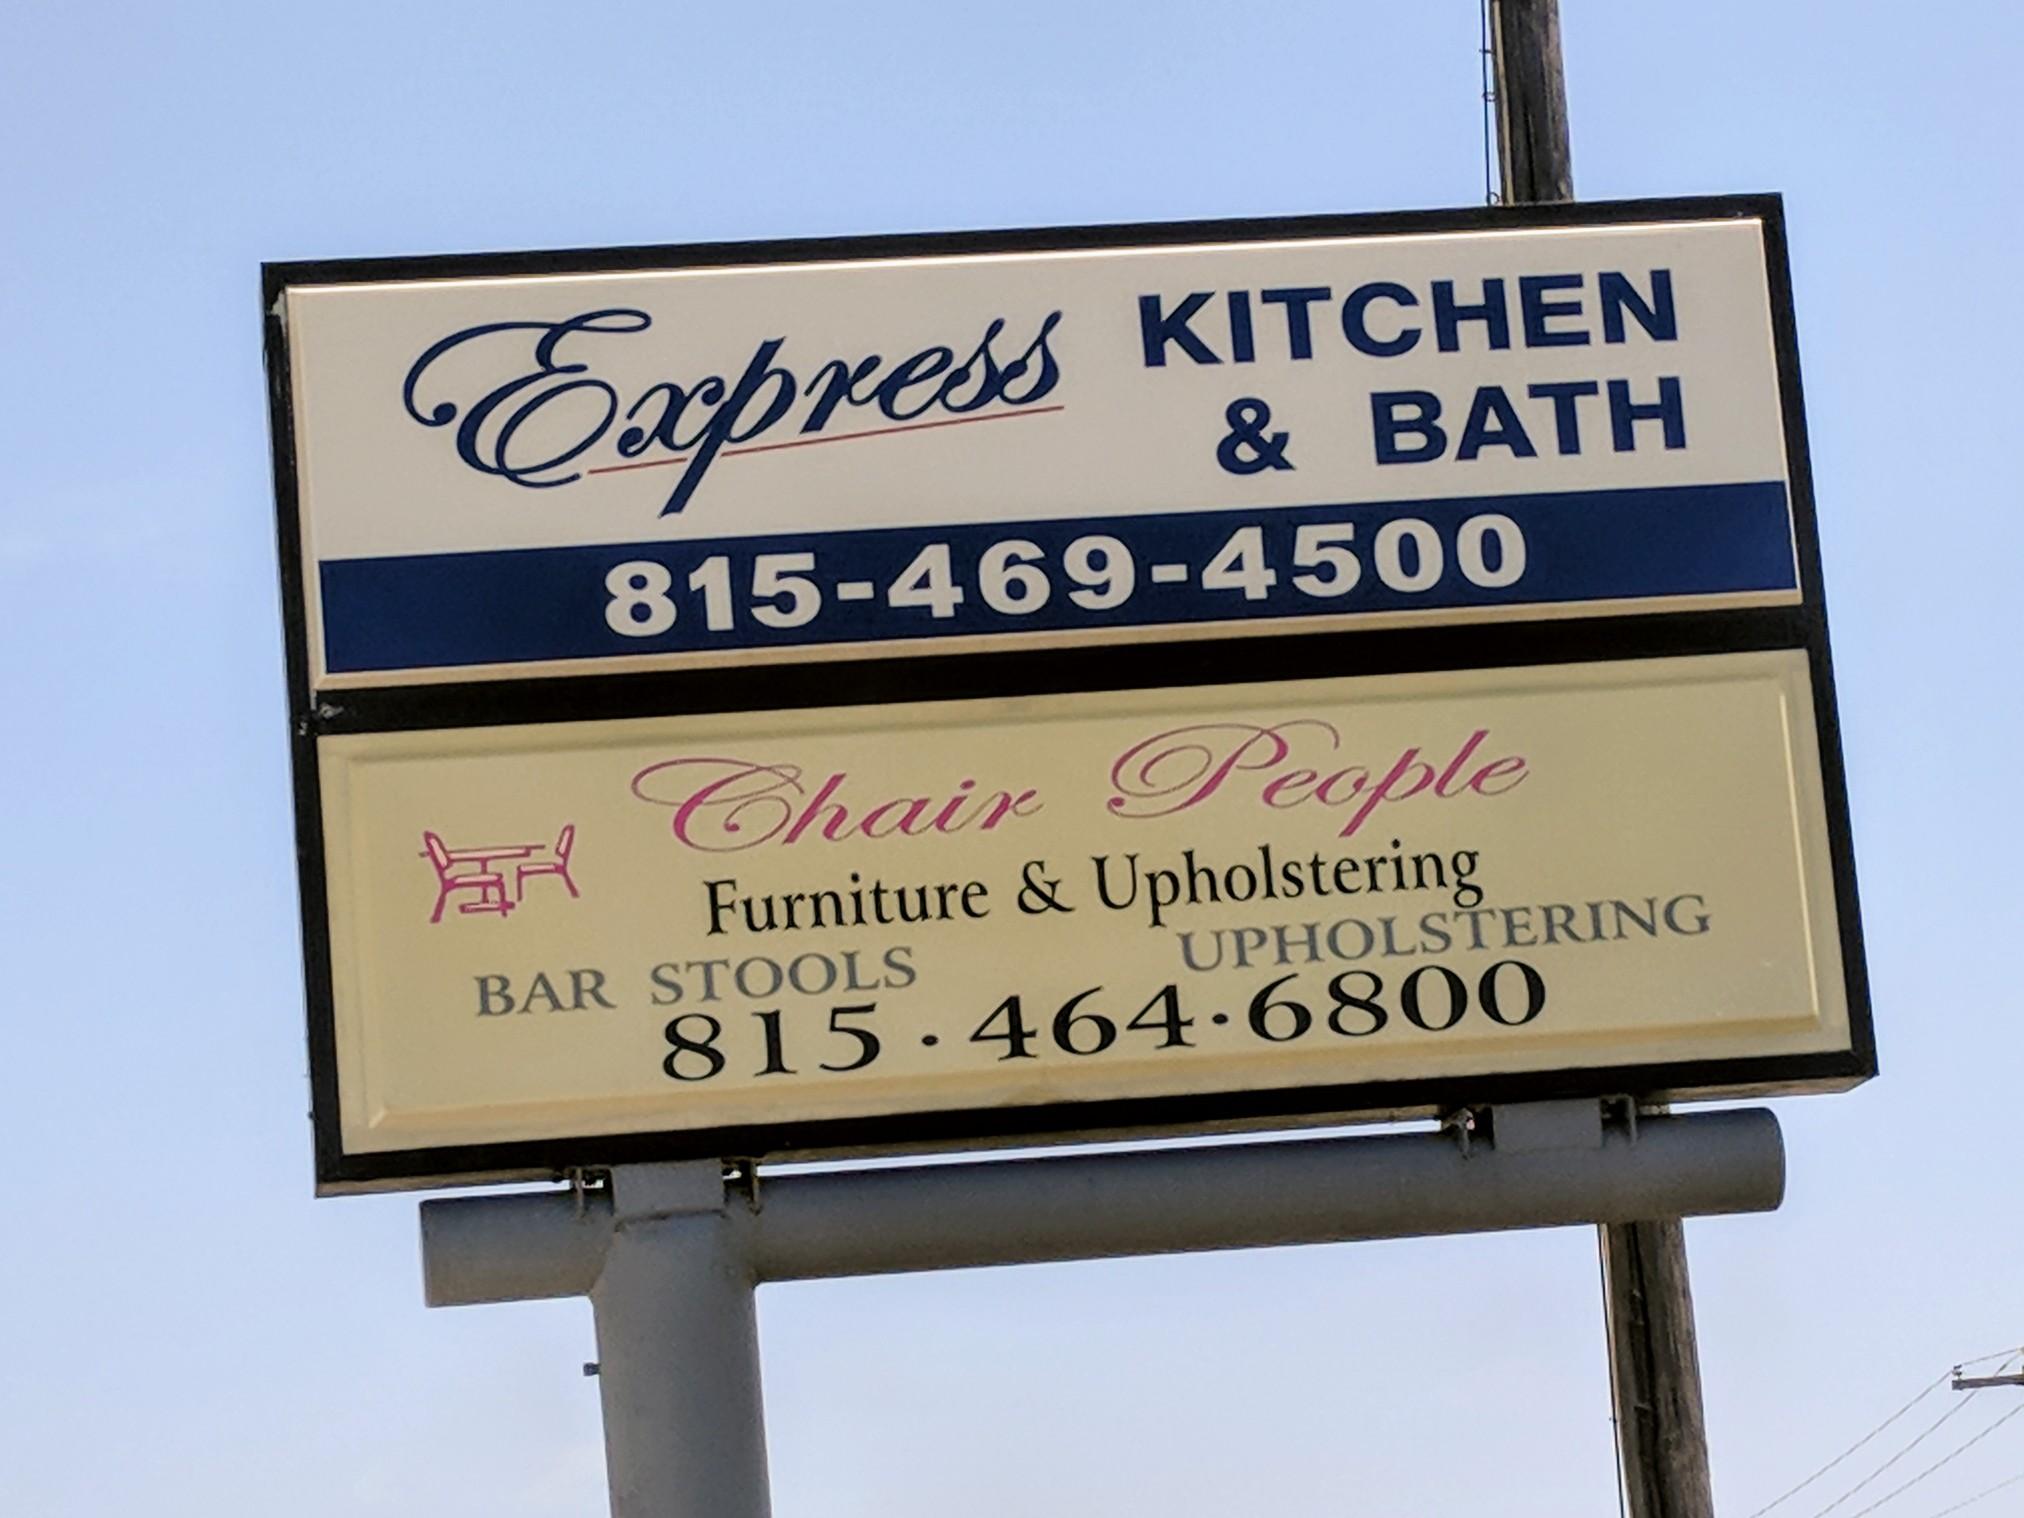 Beau Express Kitchen And Bath